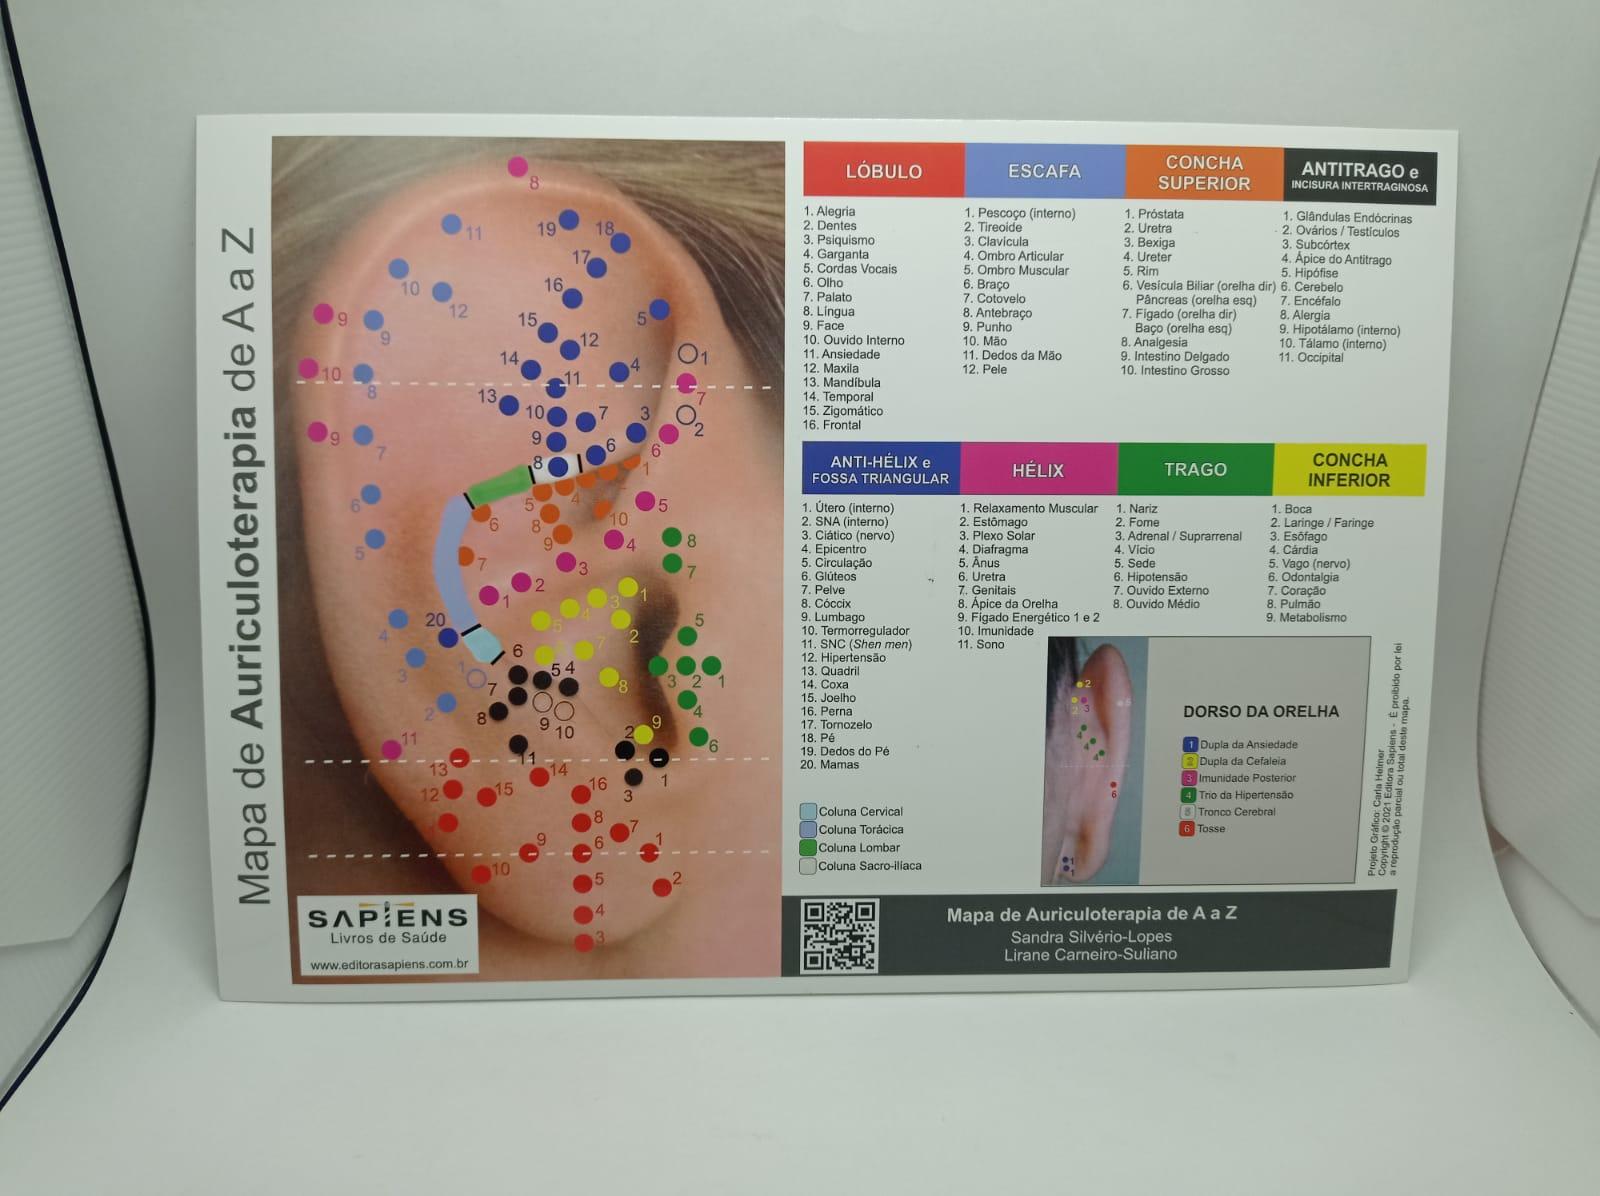 Mapa de Auriculoterapia de A a Z